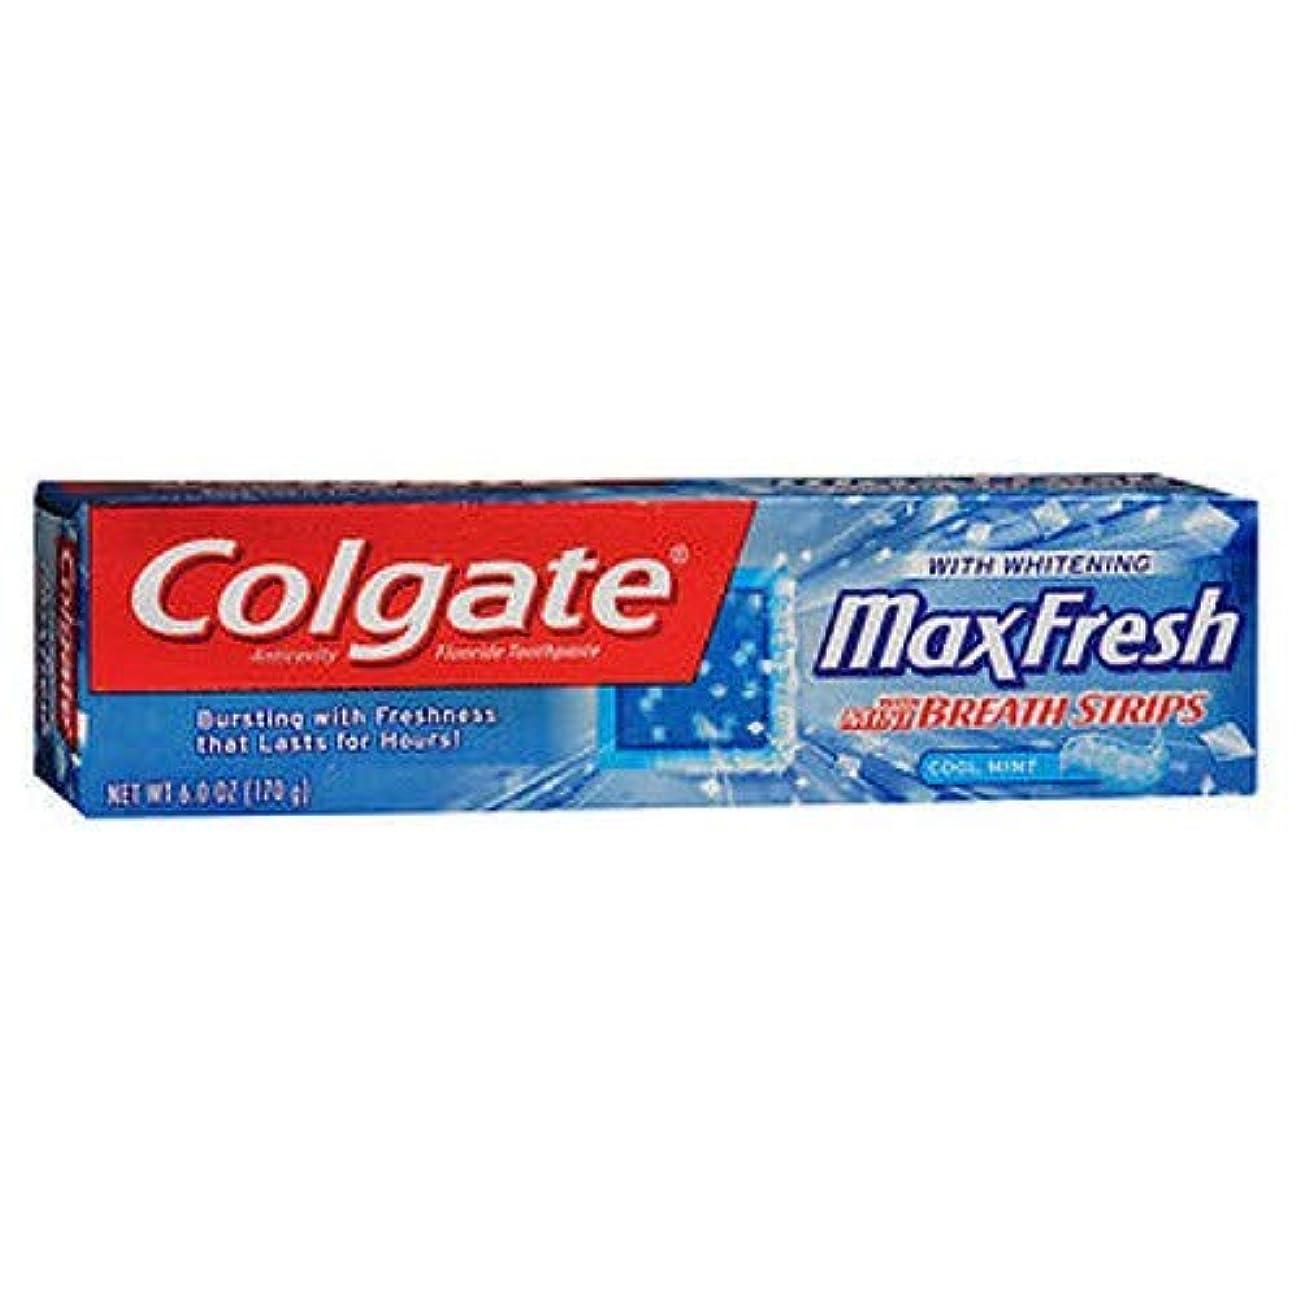 承認する影響骨の折れるColgate マックス新鮮なハミガキミニブレスストリップ,ミント&#44クール。 6オズ。